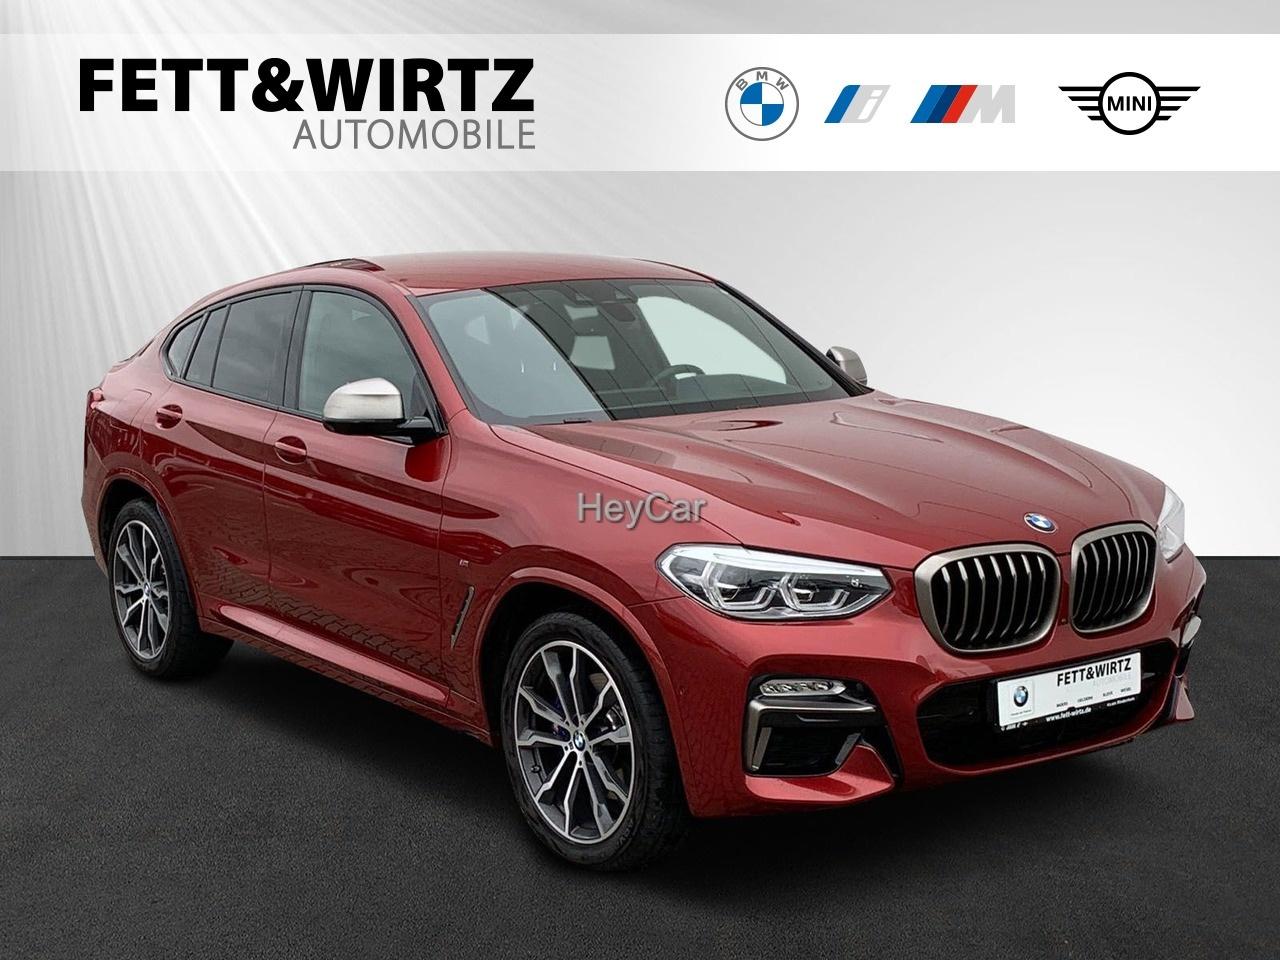 BMW X4 M40d MSport Navi Prof. HUD DA+ PA+ LED H&K, Jahr 2018, Diesel